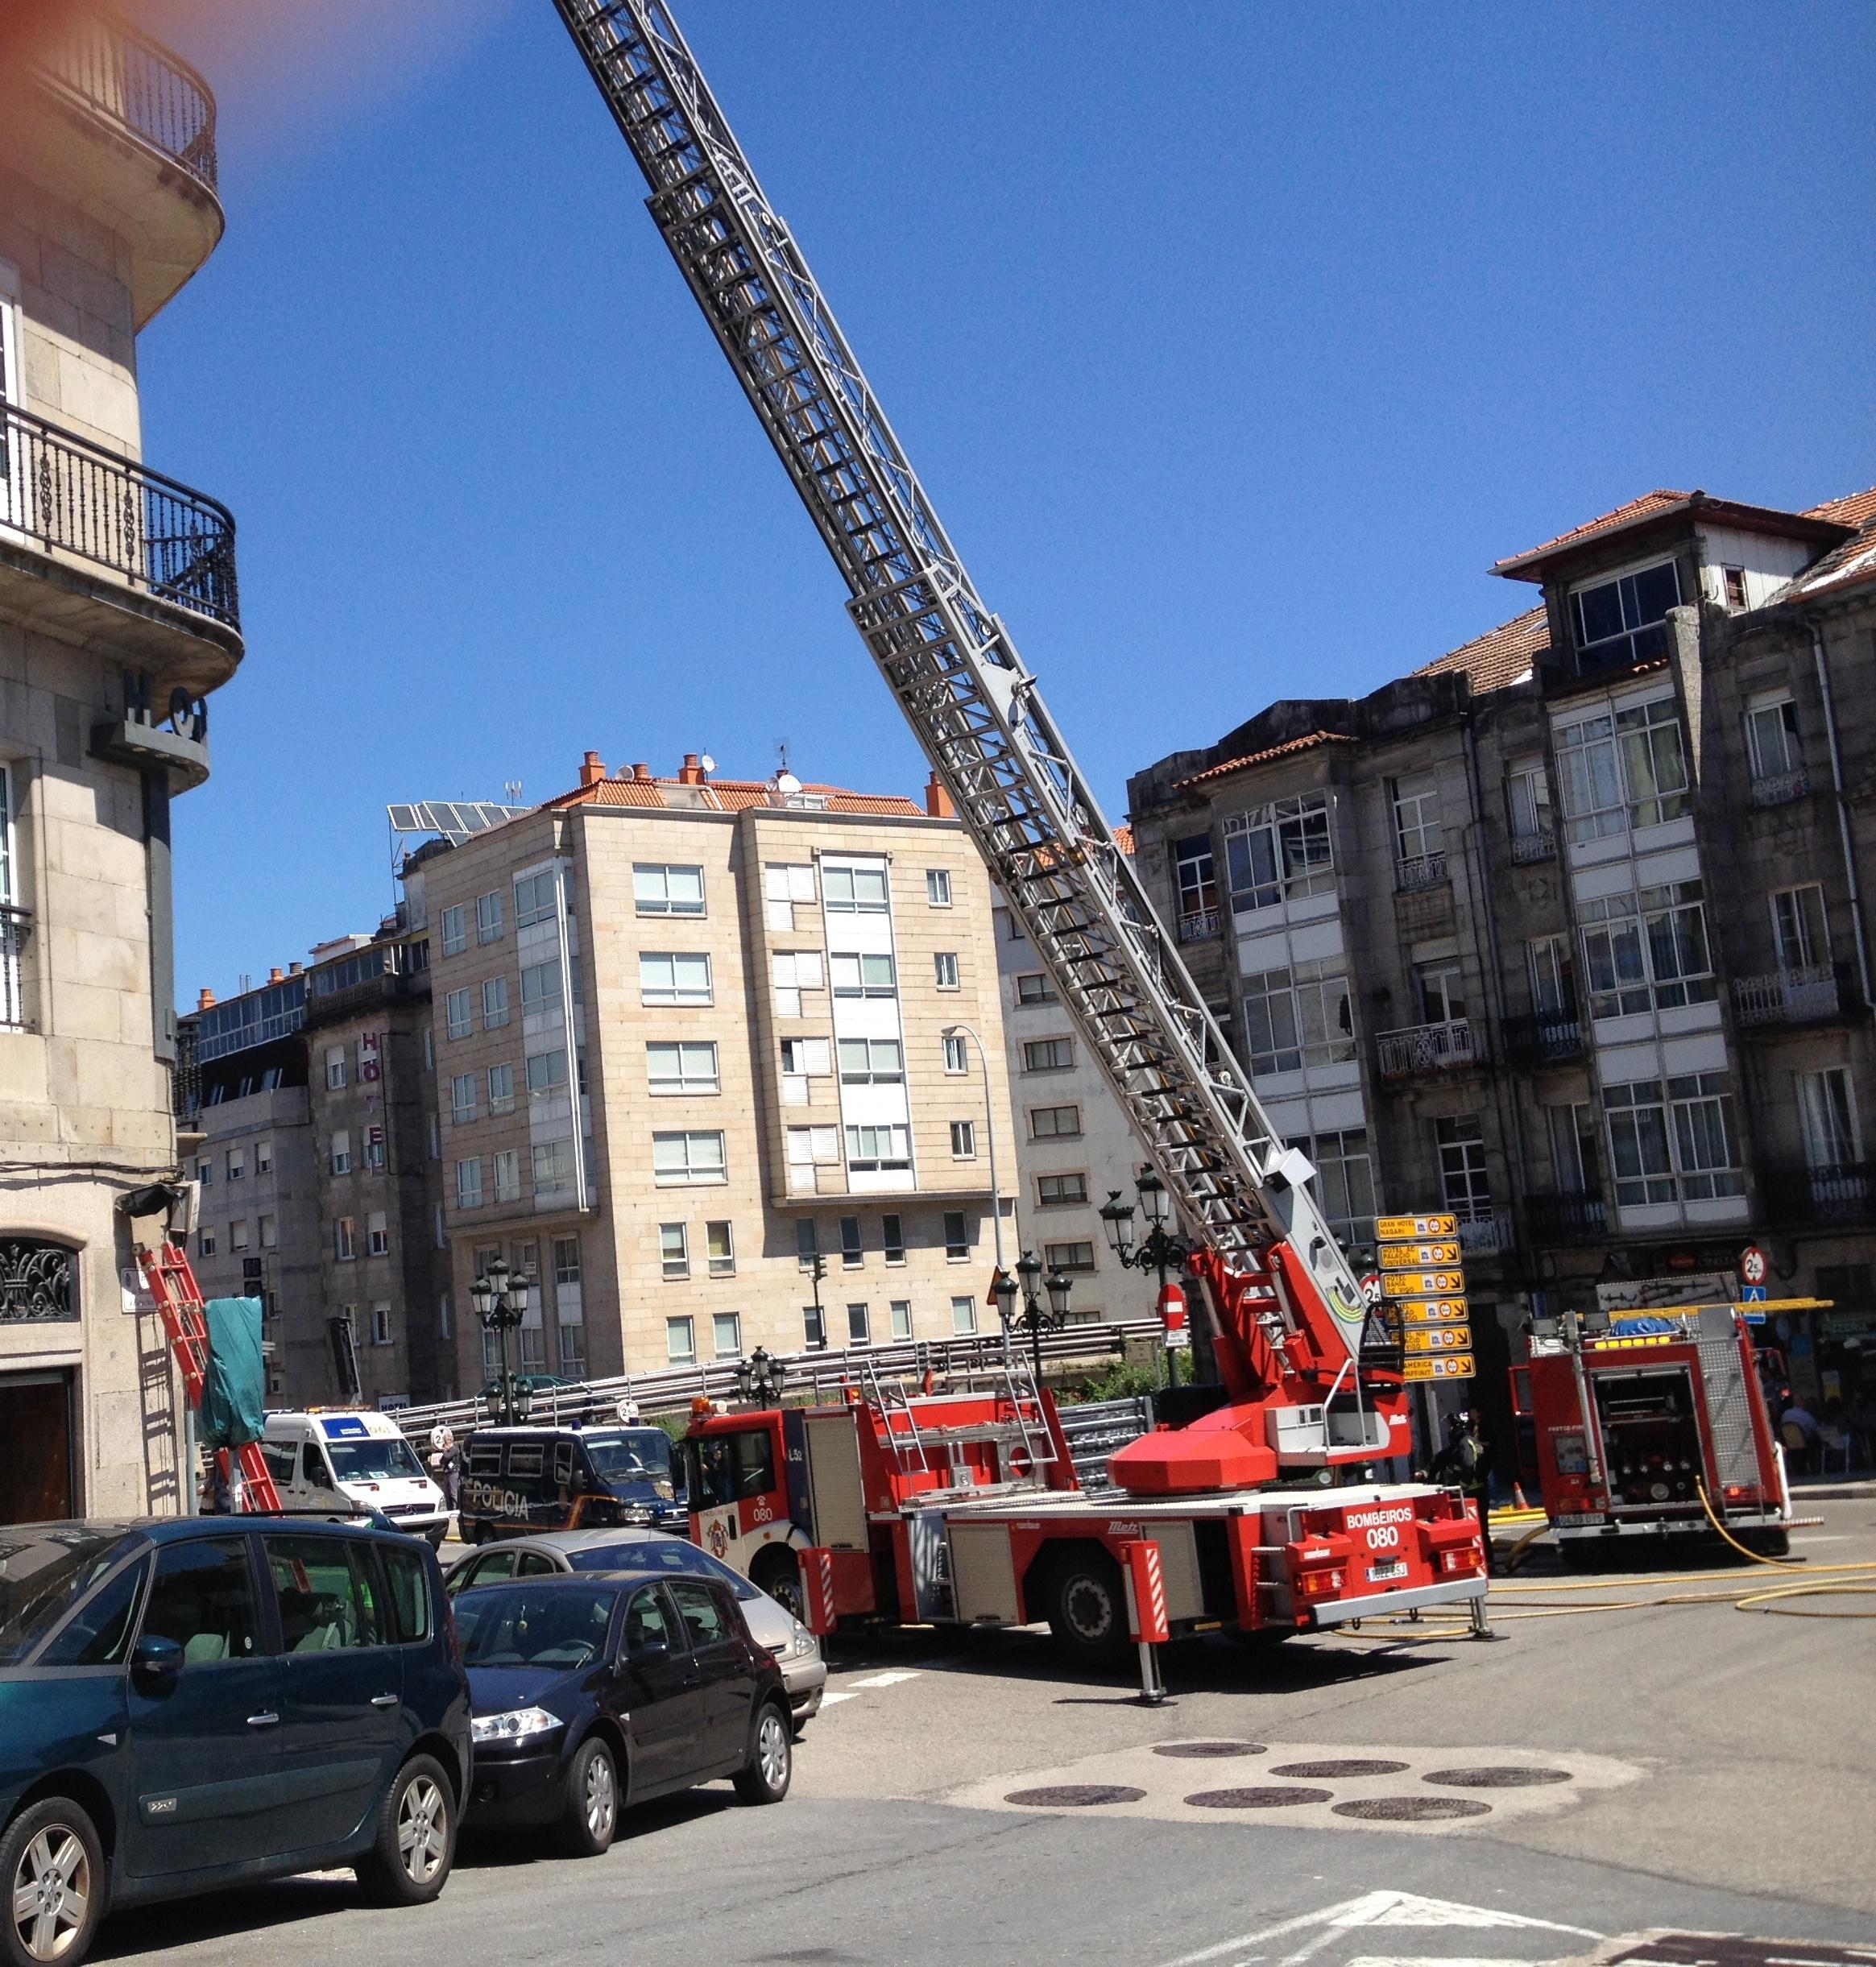 Un incendio en una zona abuhardillada de un hotel de Vigo obliga a desalojar un piso del edificio, pero no hubo heridos